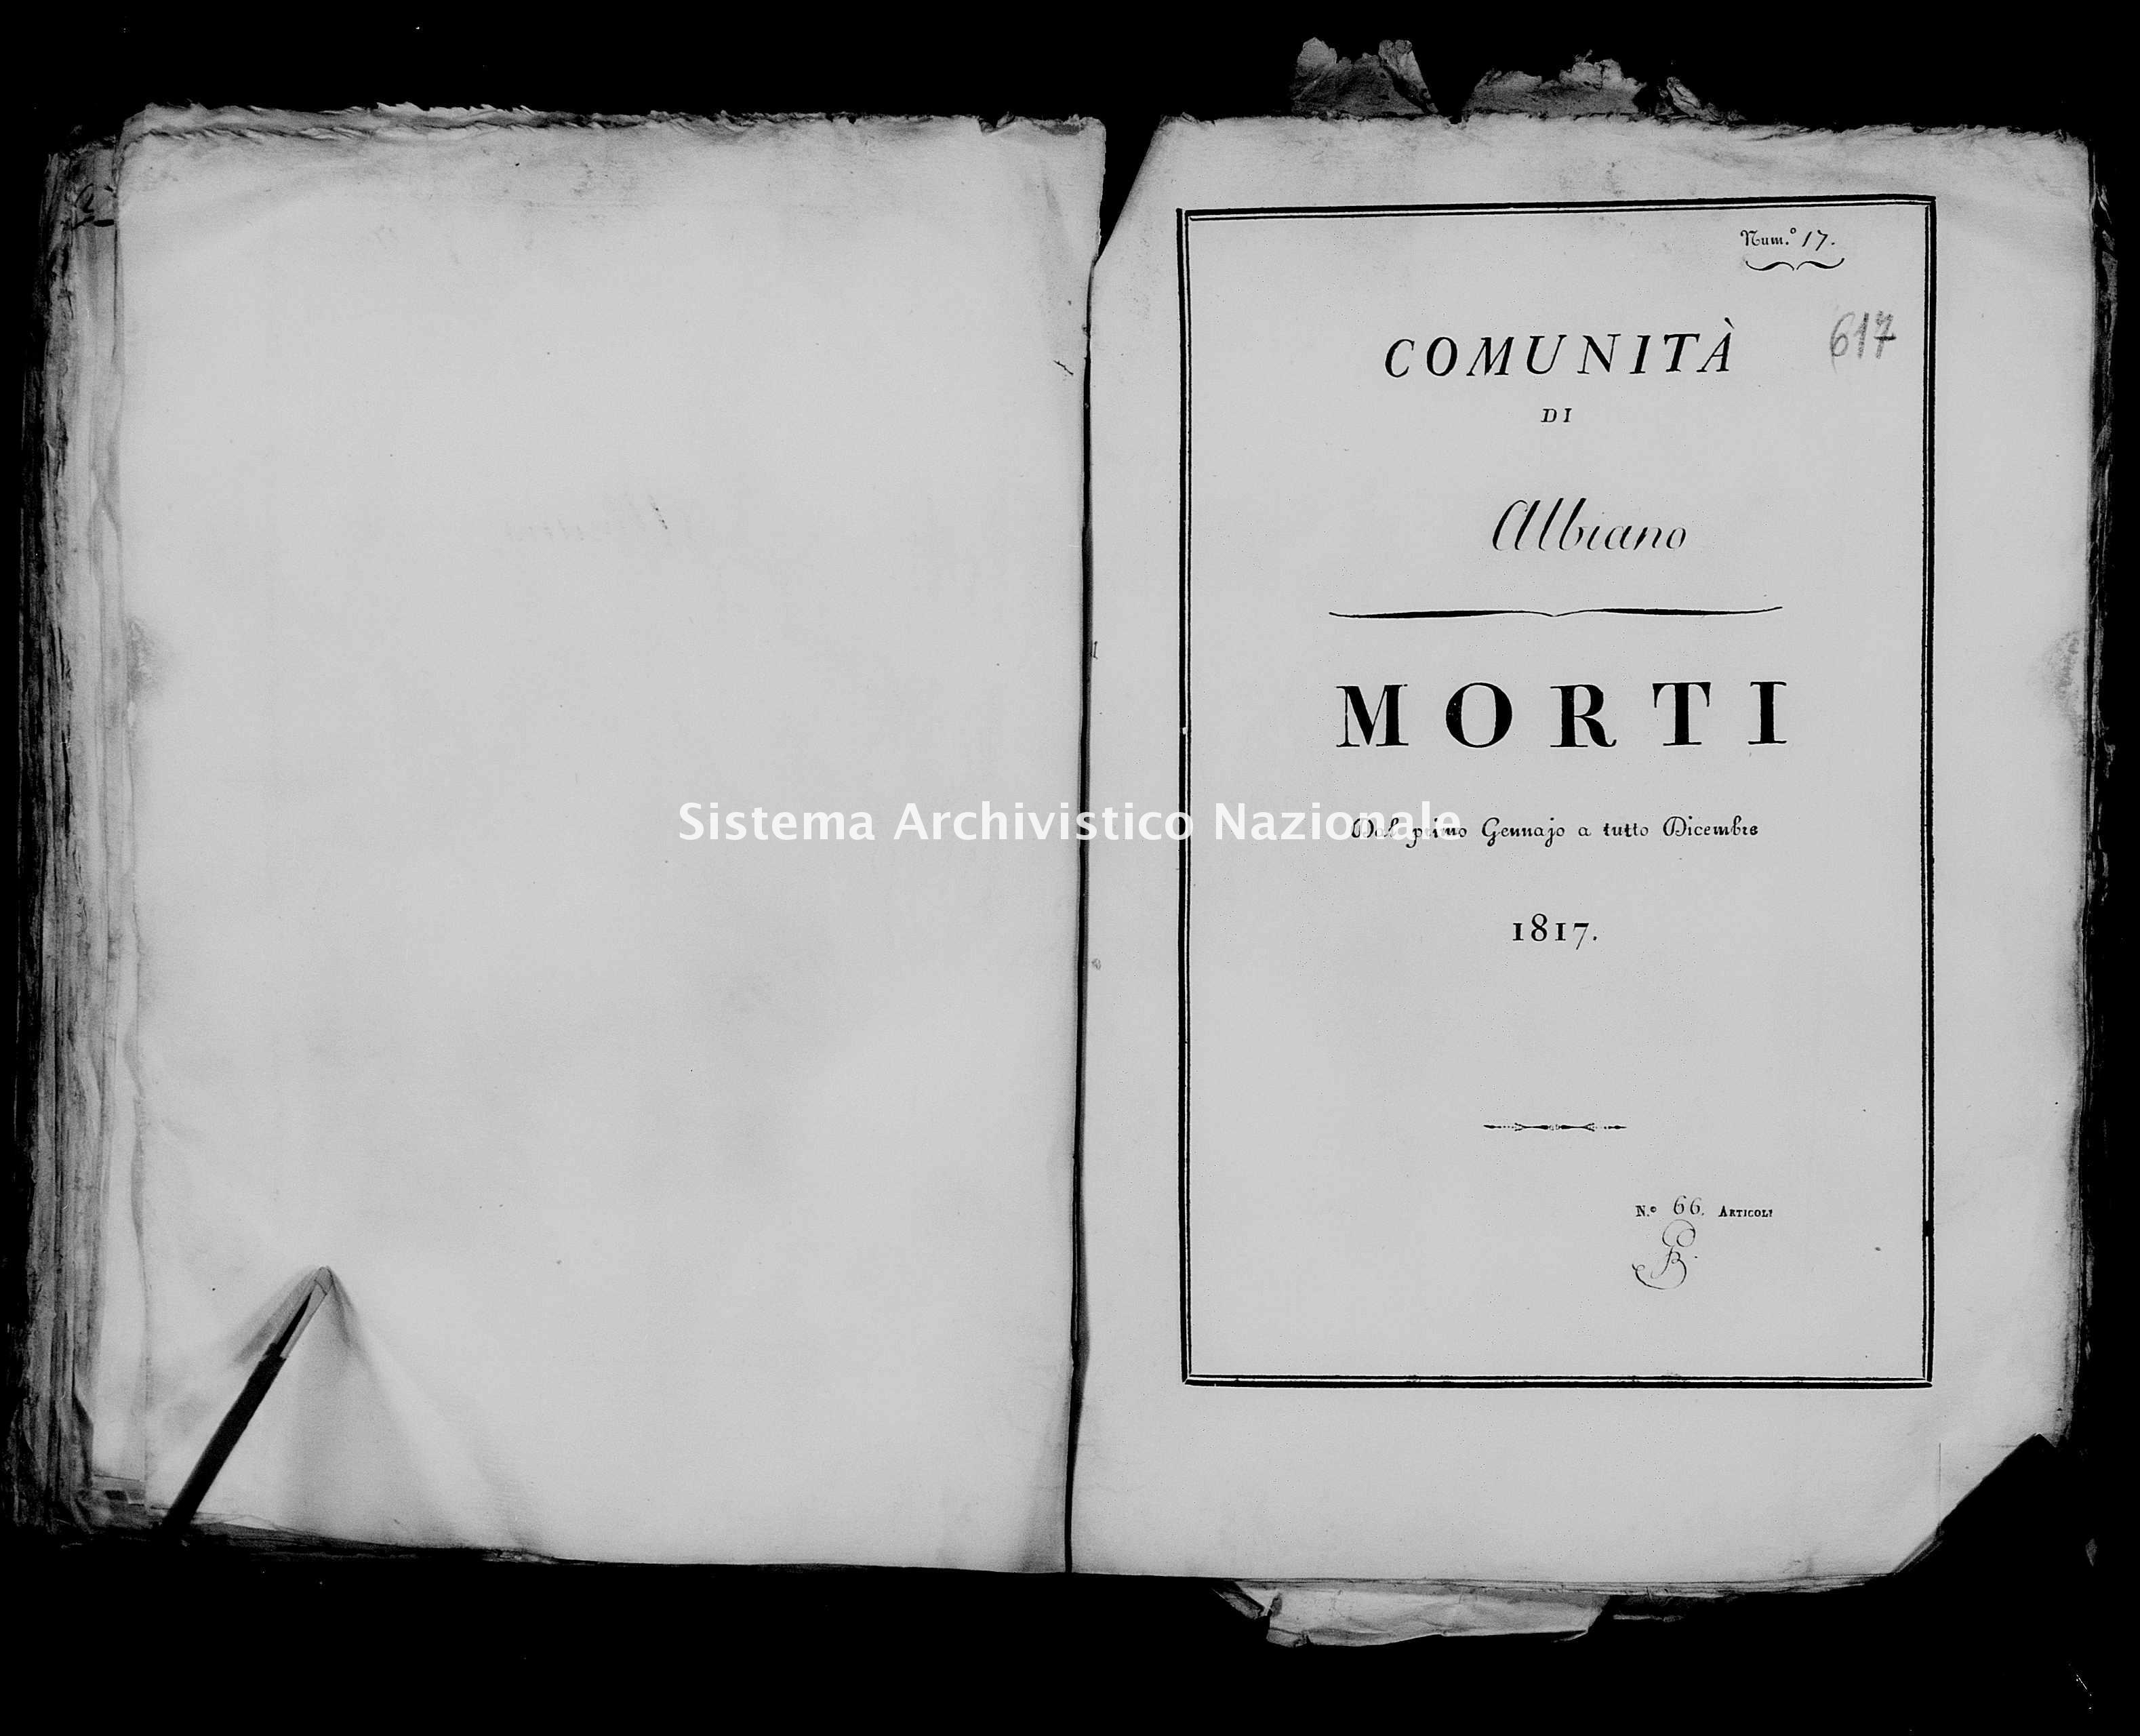 Archivio di stato di Firenze - Stato civile della restaurazione - Albiano - Morti - 1817 - 48 -